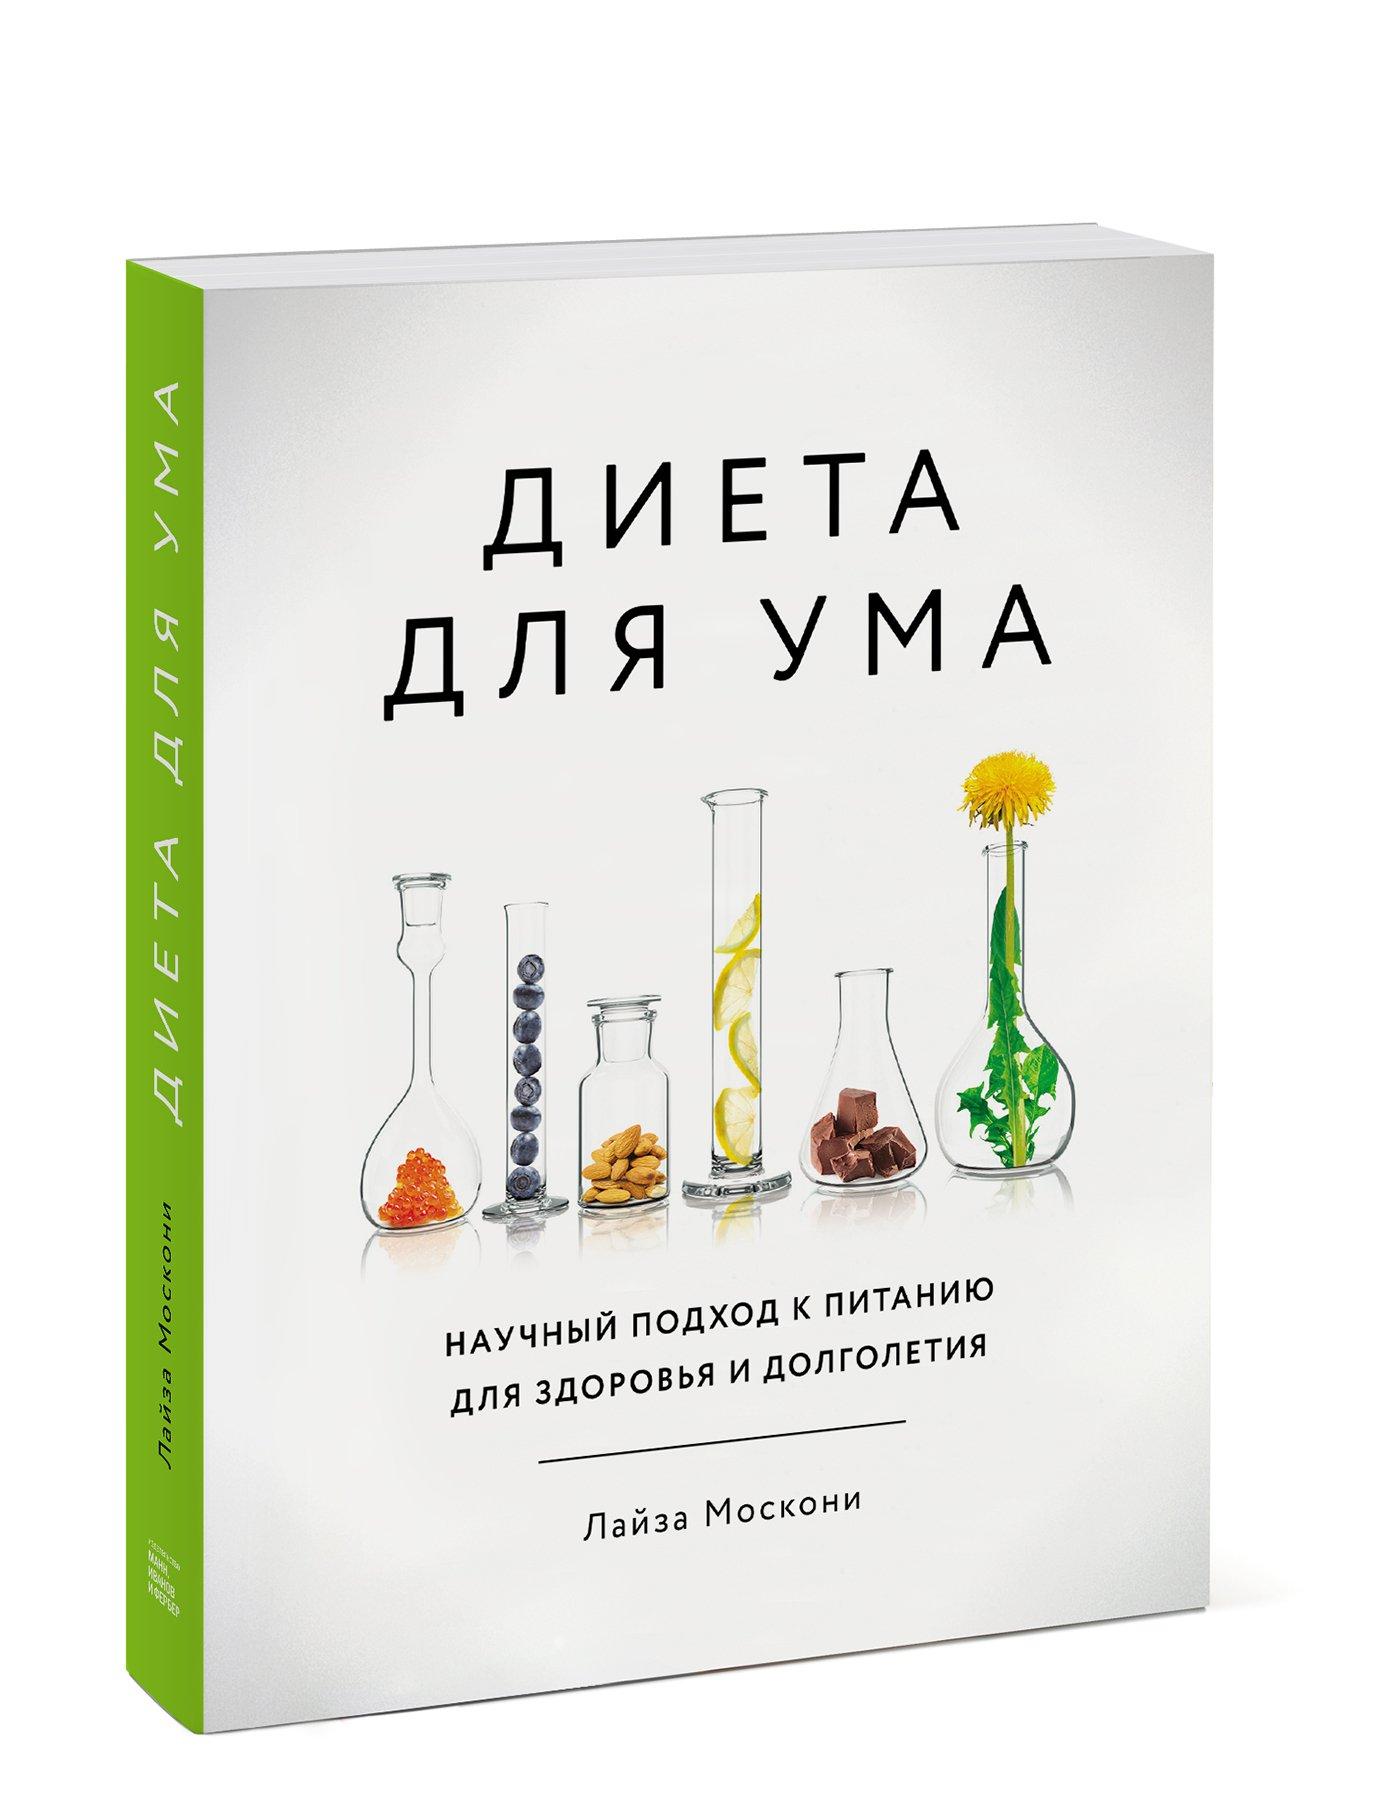 Лайза Москони Диета для ума. Научный подход к питанию для здоровья и долголетия москони л диета для ума научный подход к питанию для здоровья и долголетия